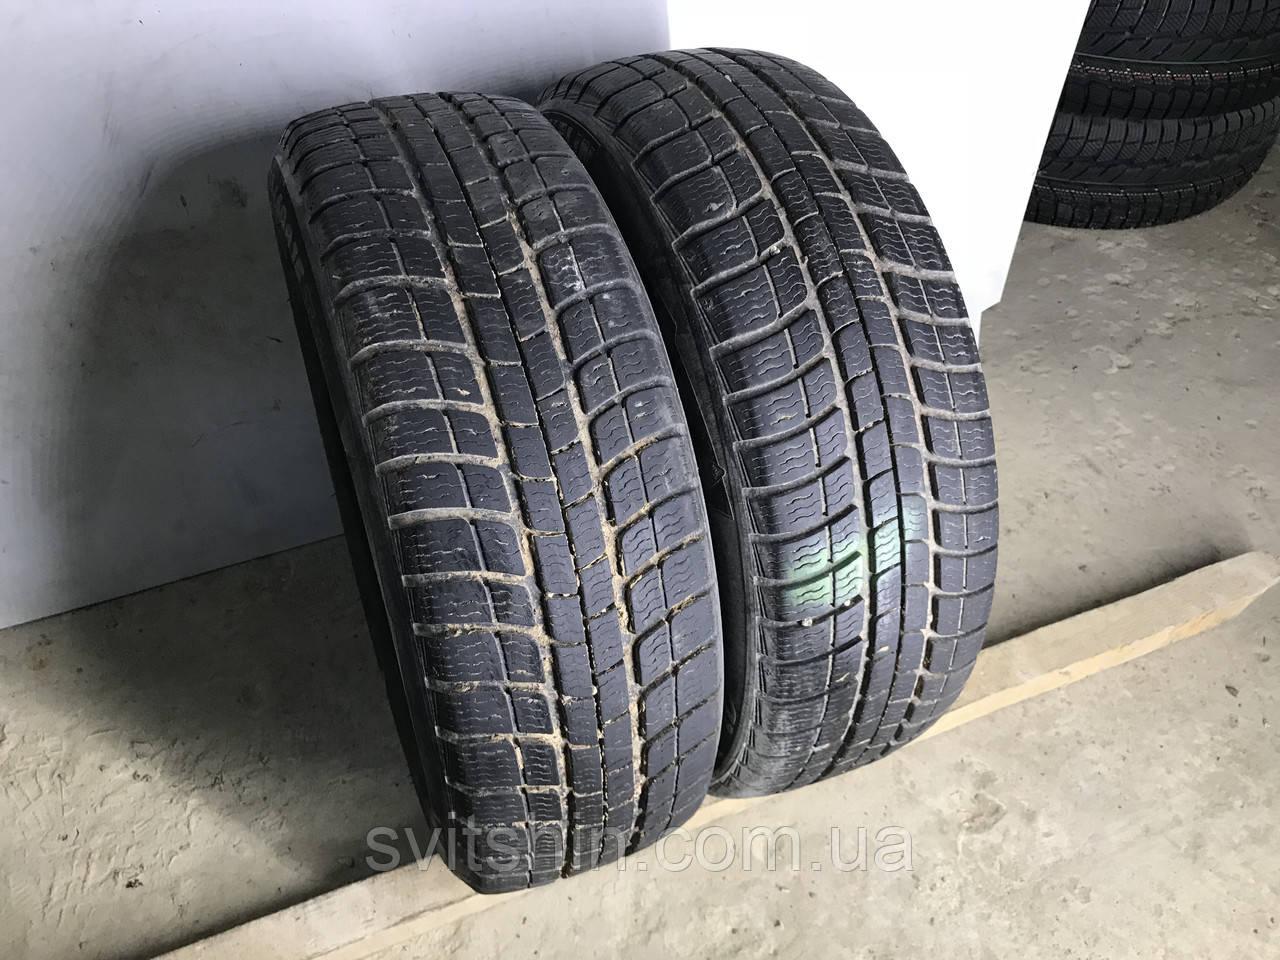 Шини бу зимові 185/60R15 Michelin Alpin 5,5 мм (2шт) пара